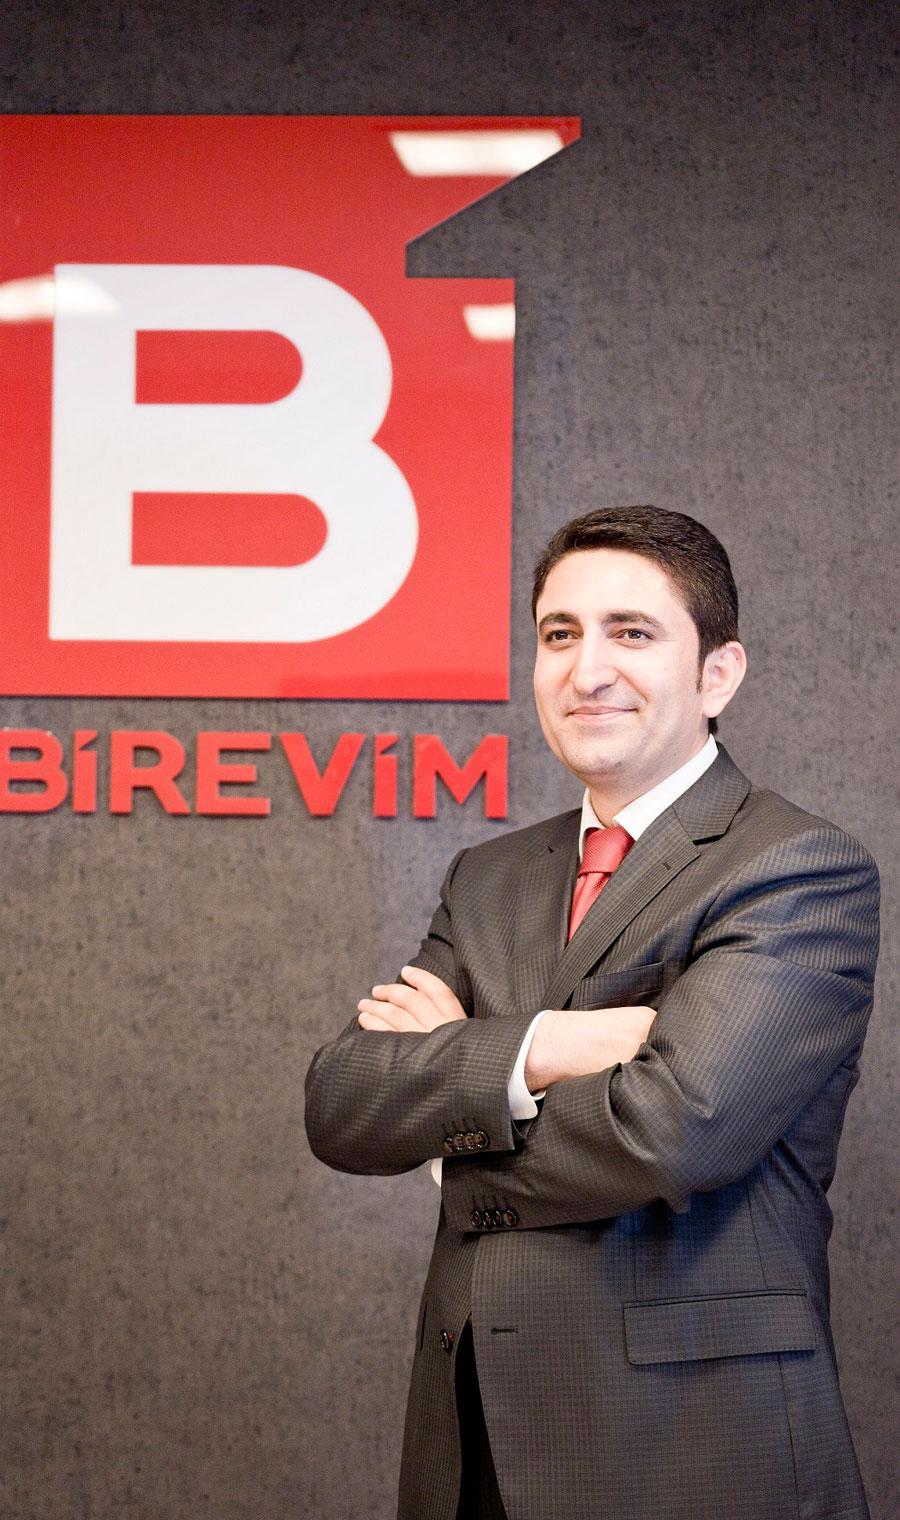 birevim_3